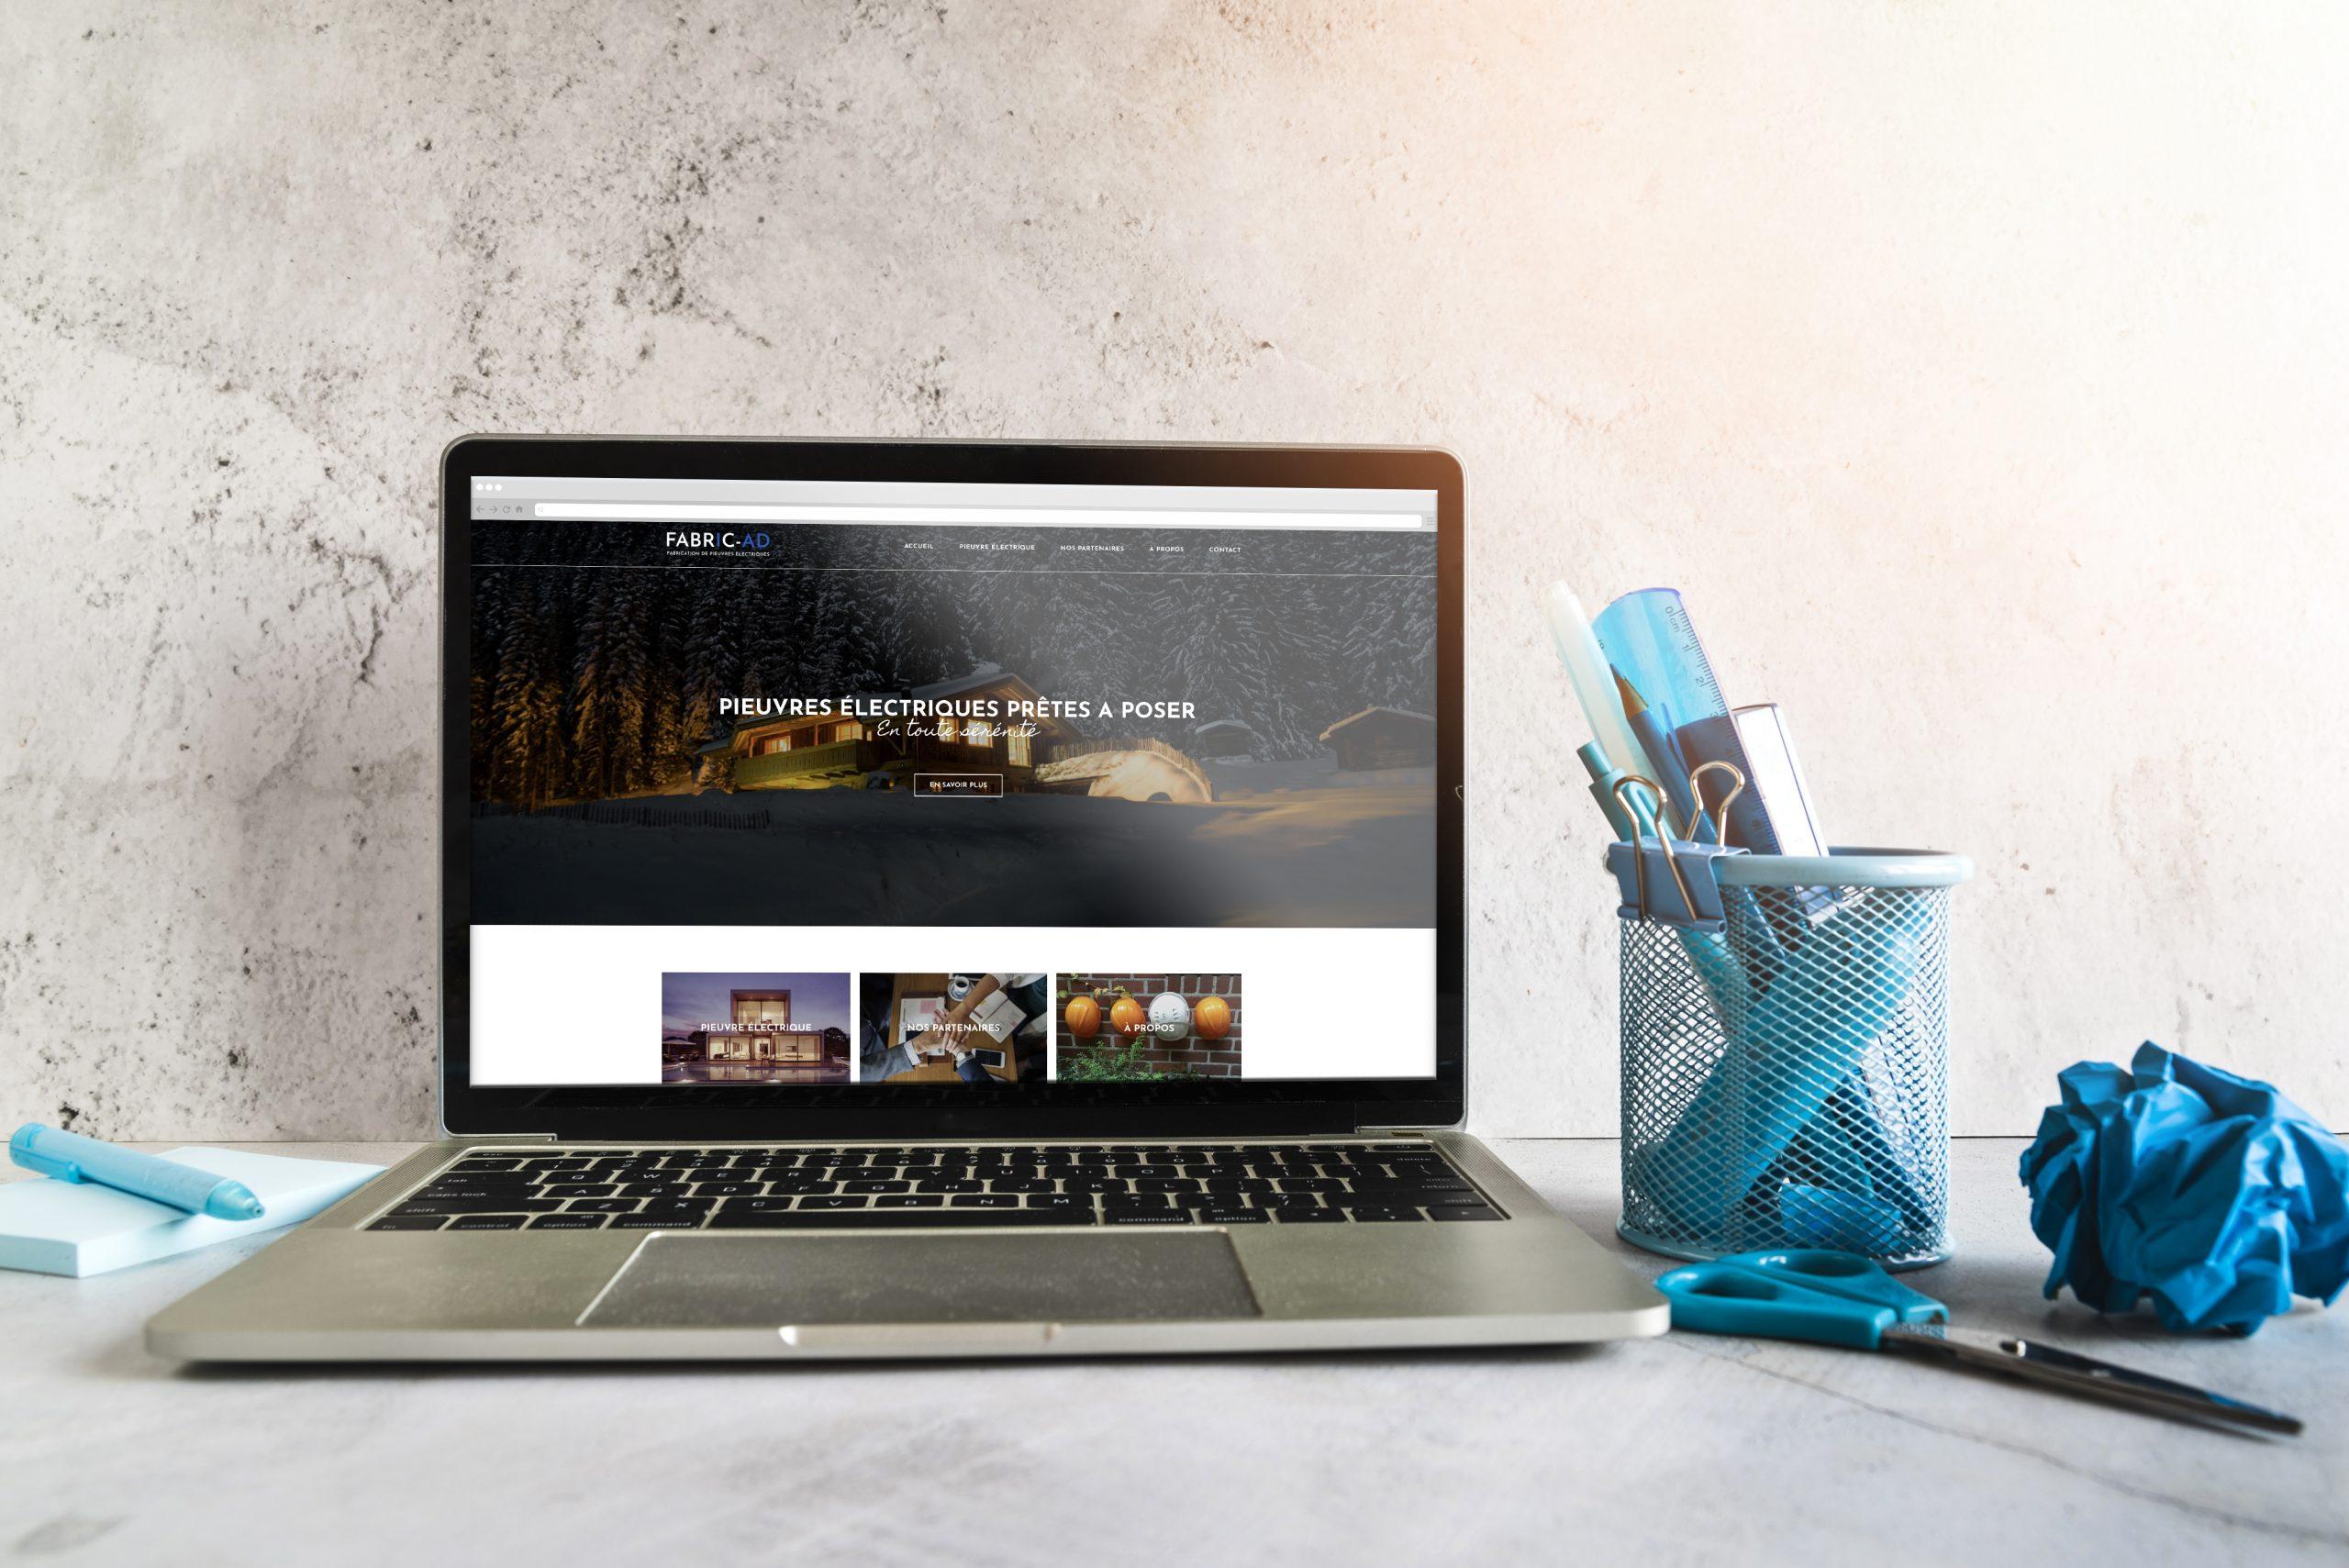 Site internet vitrine réalisé avec le CMS wordpress pour un installateur de pieuvres électriques.